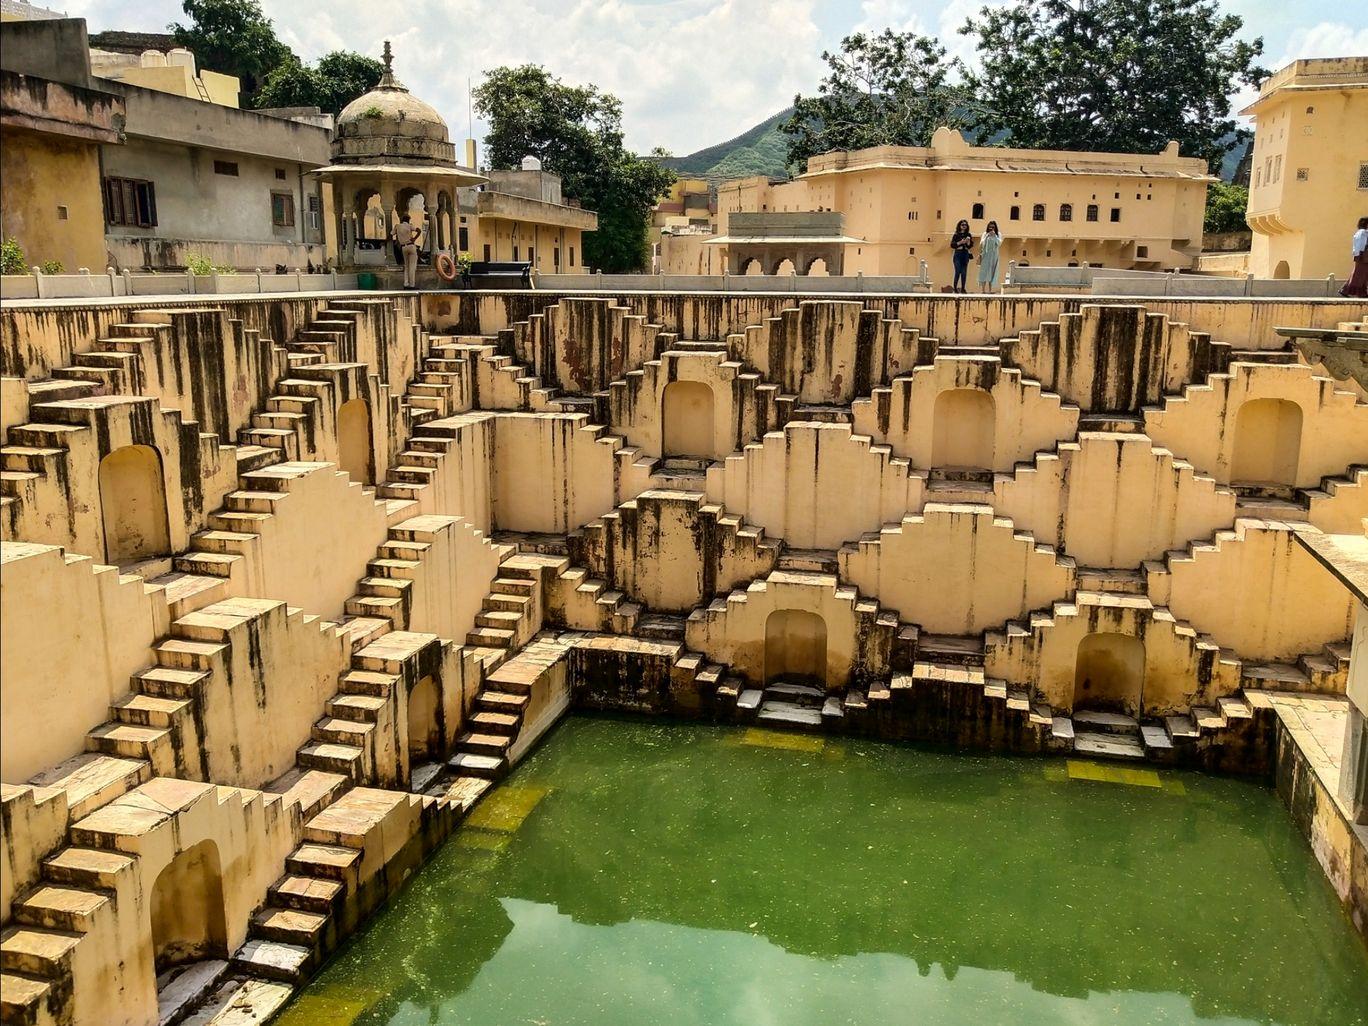 Photo of Amer fort jaipur By Lakshya Sharma